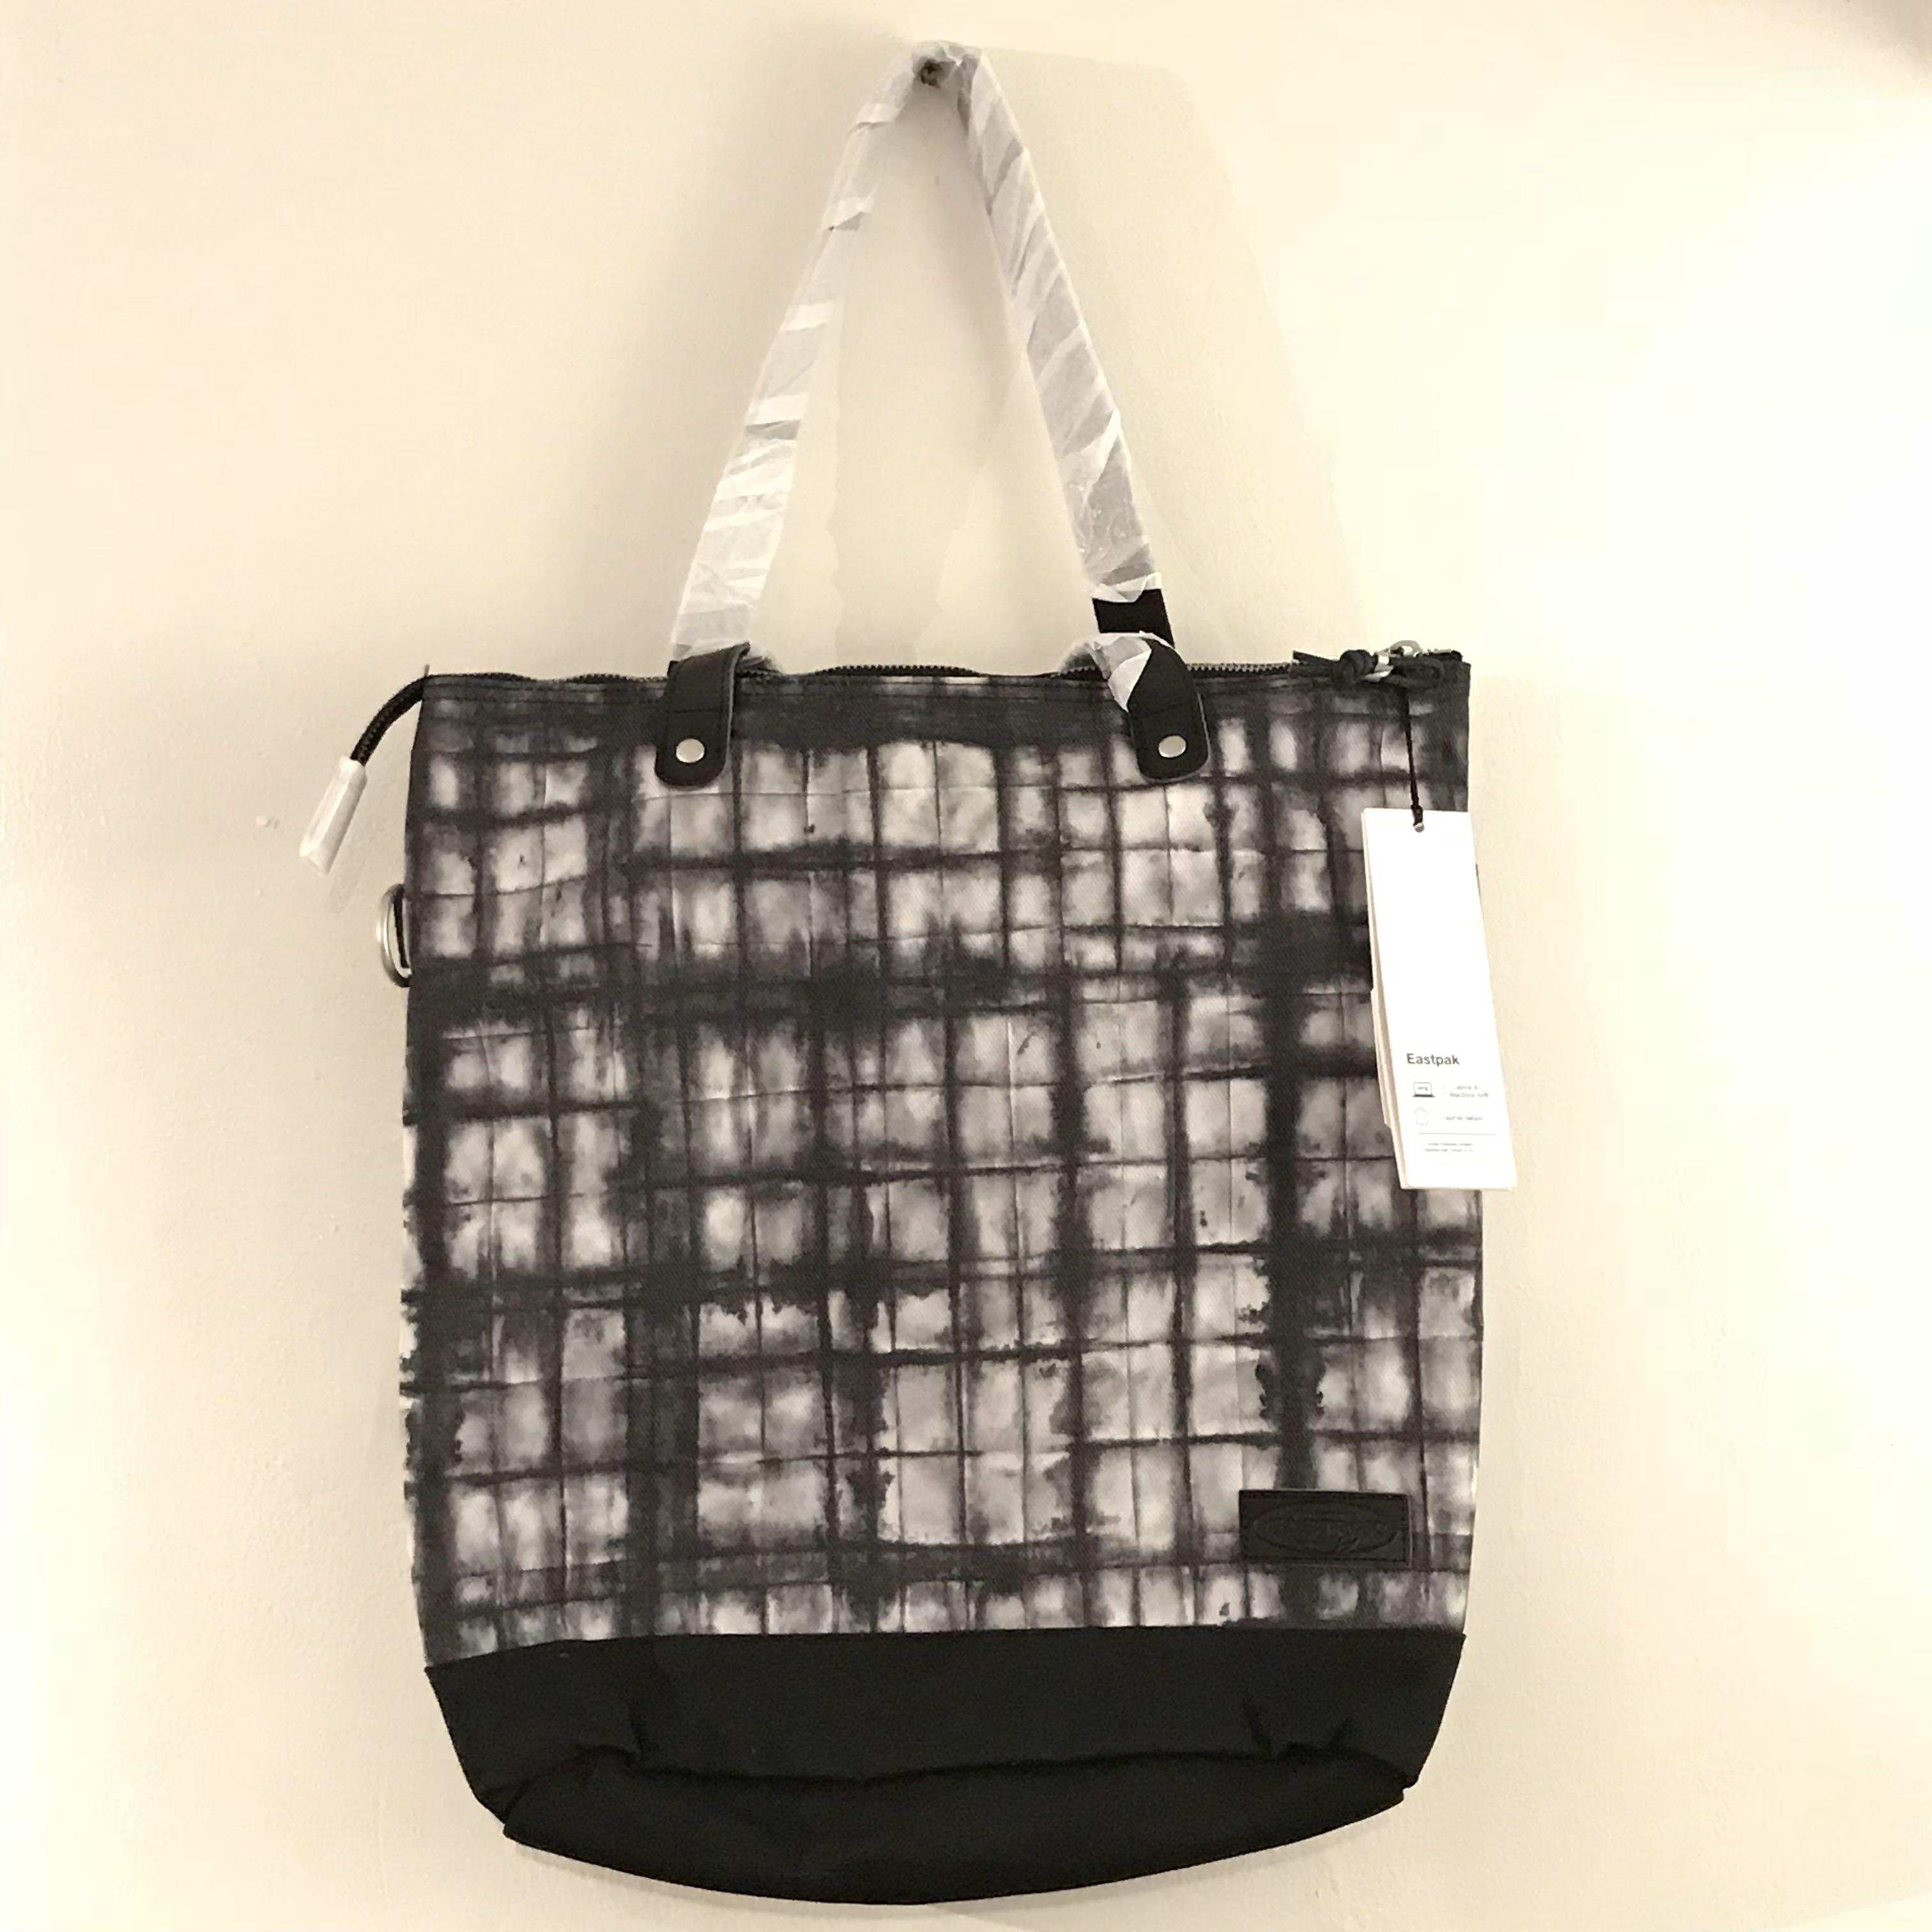 Eastpak Soukie Superb Squarefield Purple Canvas Tote Bag 2435ab21f4